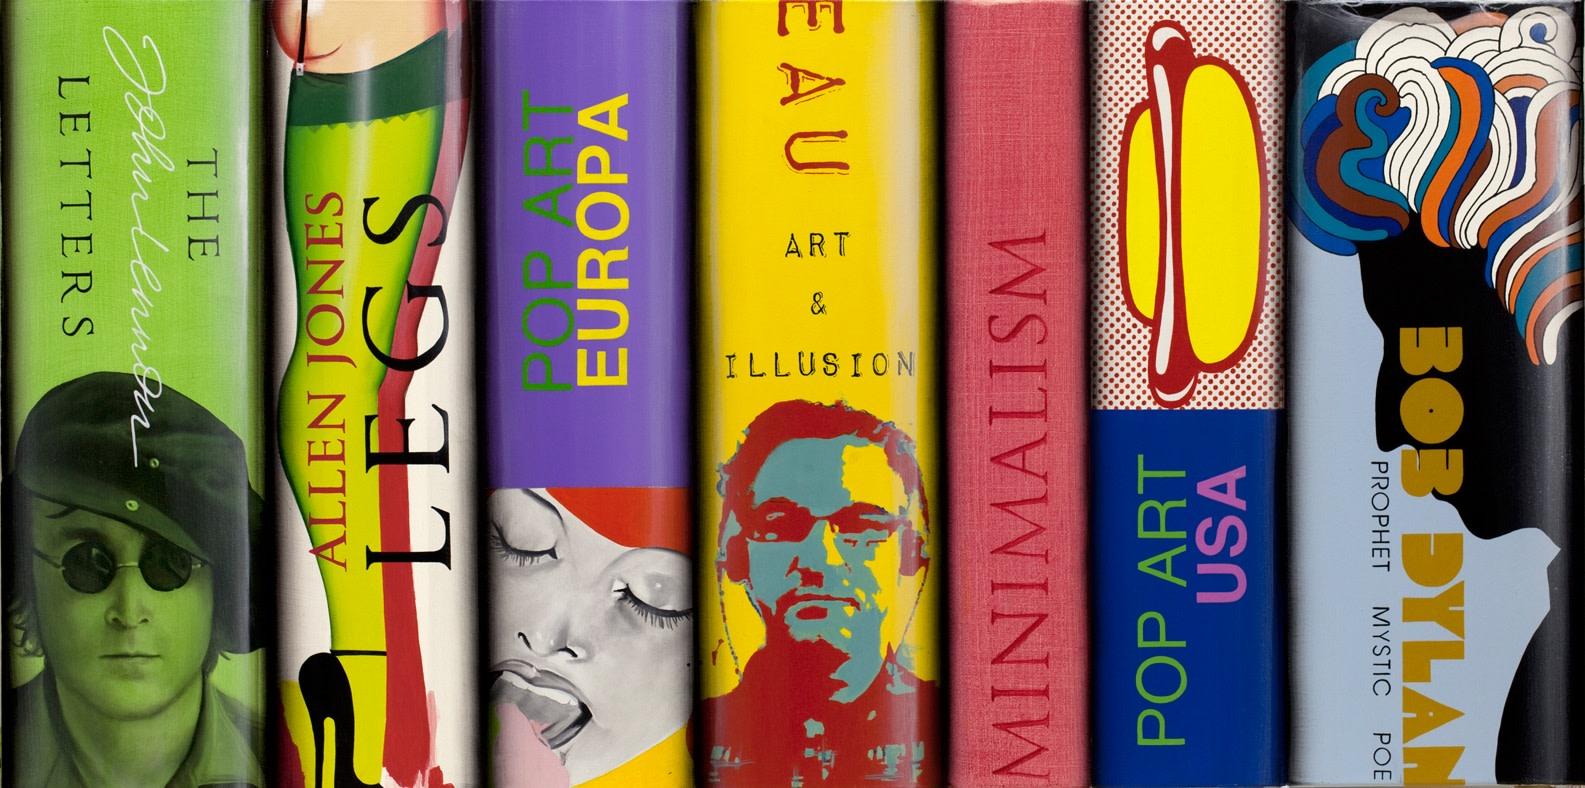 <span class=&#34;link fancybox-details-link&#34;><a href=&#34;/exhibitions/113/works/artworks629/&#34;>View Detail Page</a></span><div class=&#34;artist&#34;><strong>Paul Beliveau</strong></div><div class=&#34;title&#34;><em>Vanitas 13.12.10 - Dylan-Lennon</em></div><div class=&#34;medium&#34;>Acrylic on canvas</div><div class=&#34;dimensions&#34;>76 x 152 cm</div>